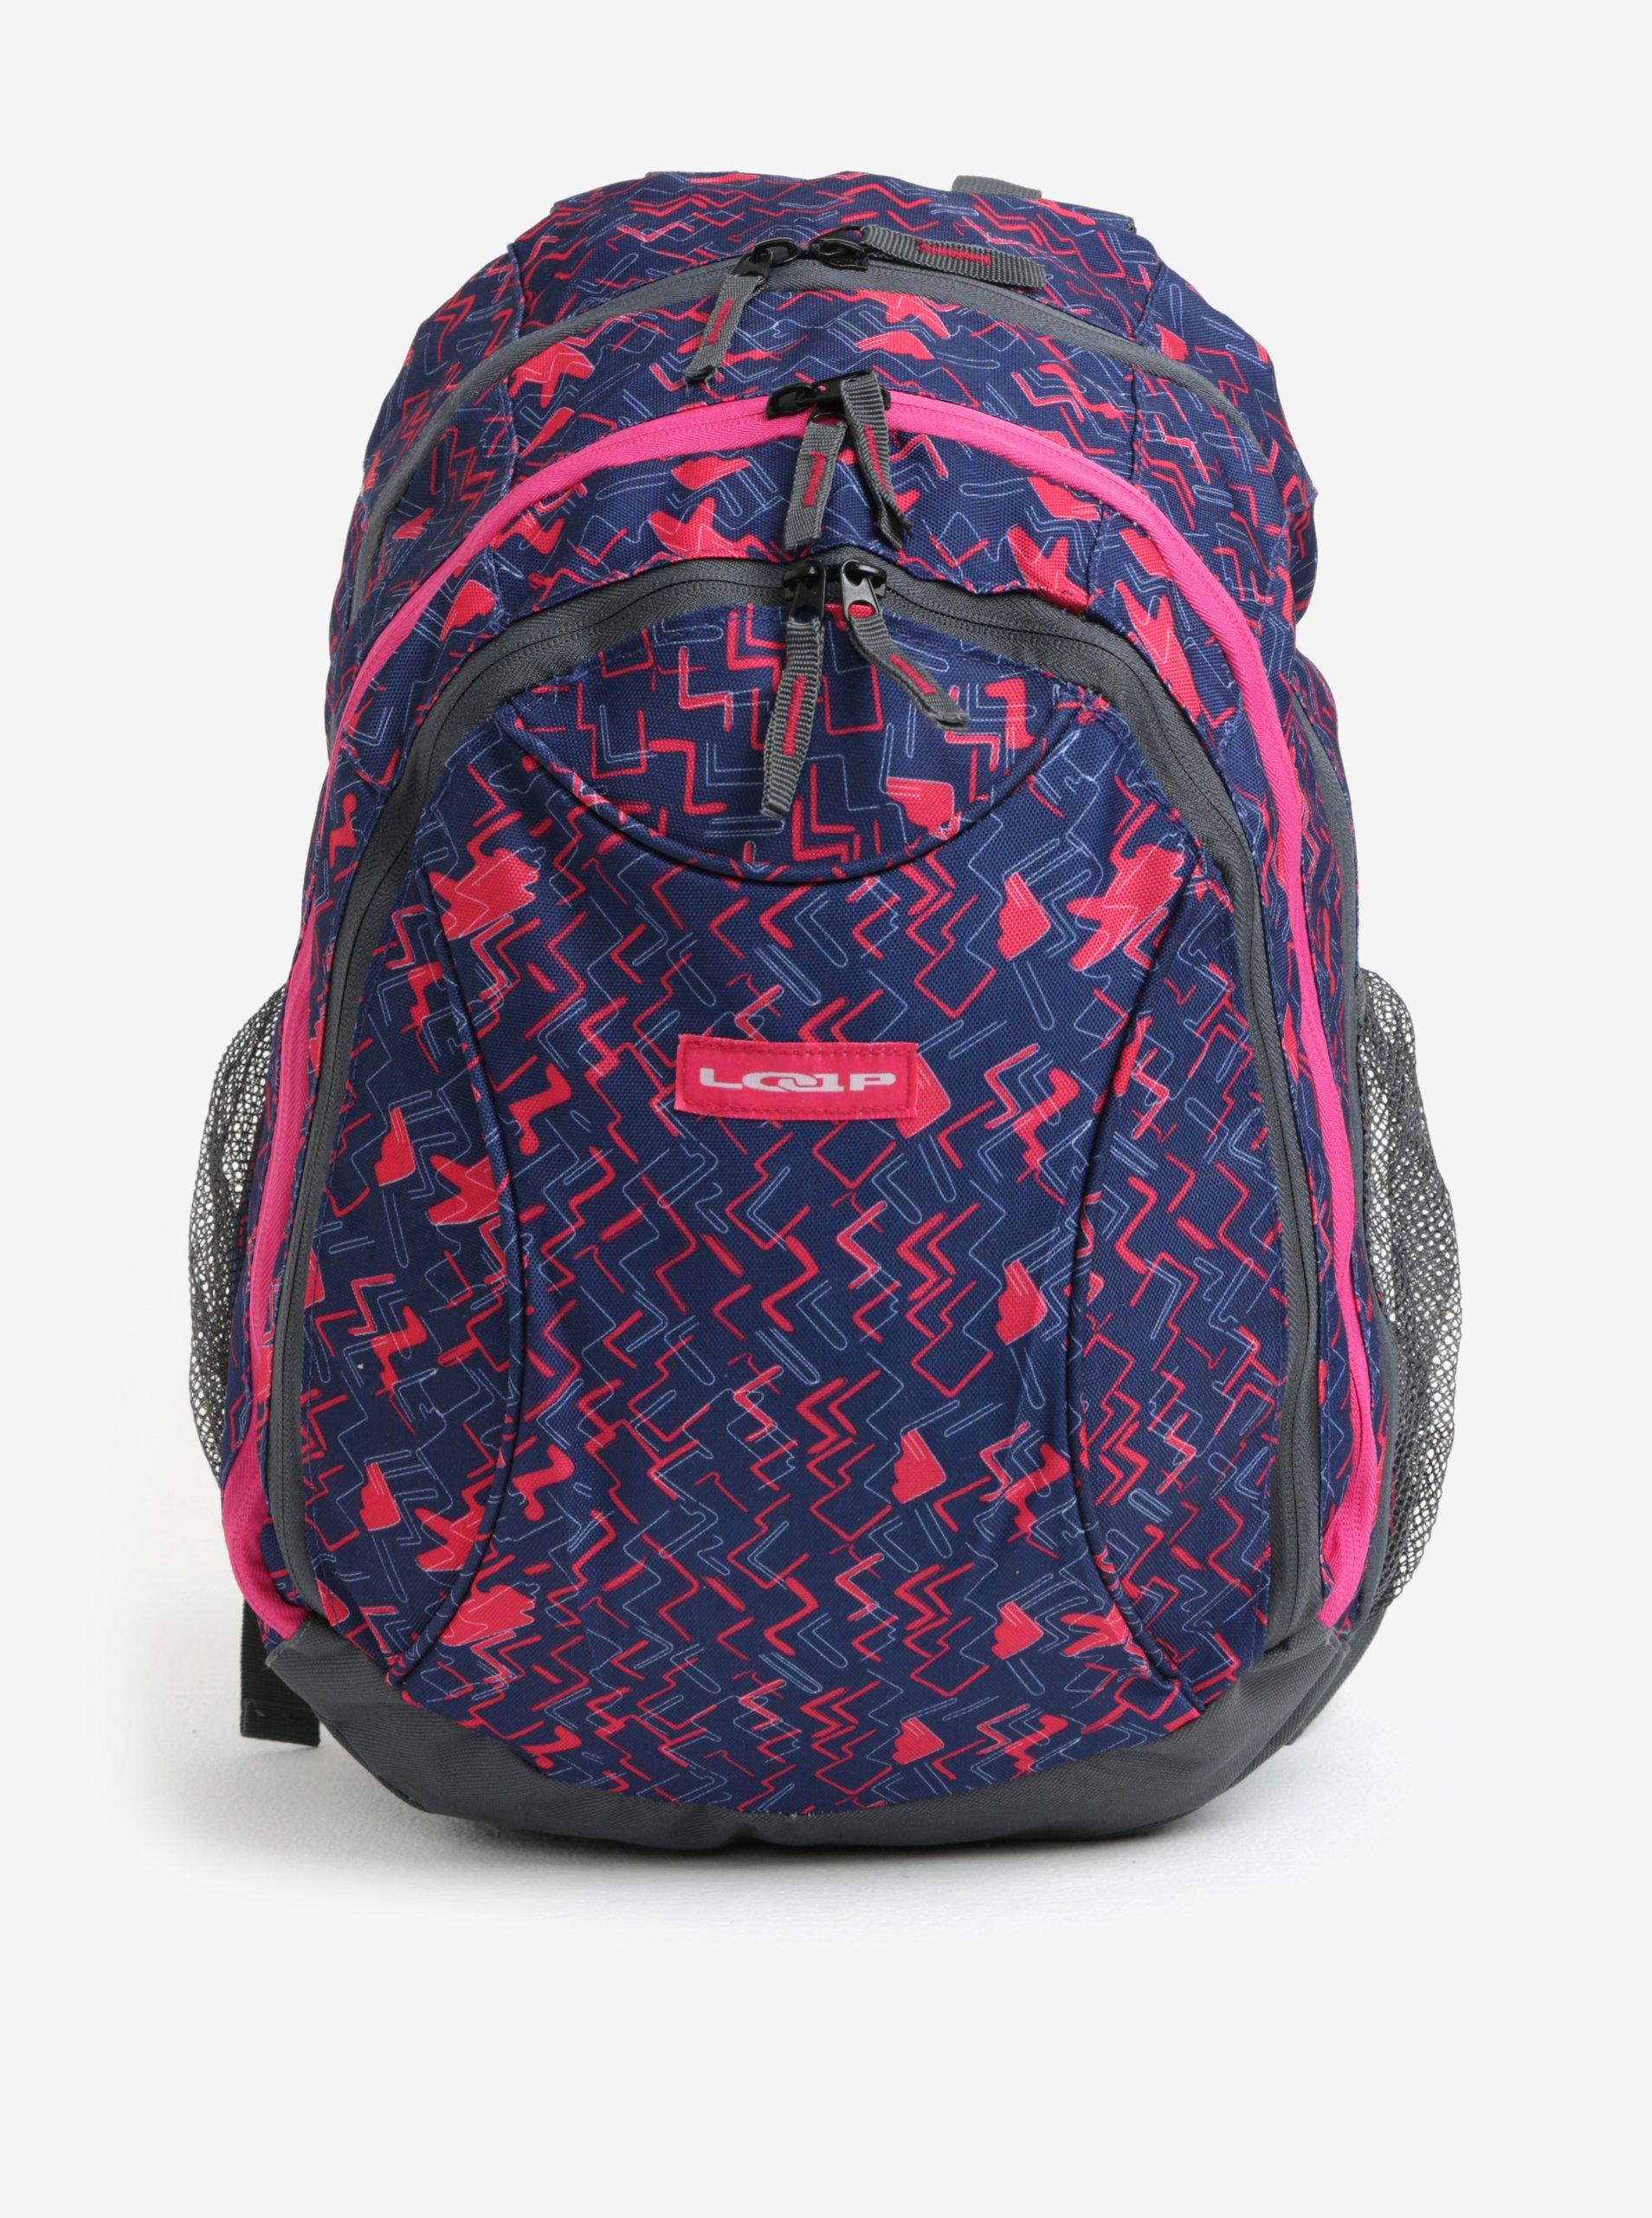 ef12adfba5 Modro-ružový vzorovaný dievčenský batoh LOAP Shaw 25 l